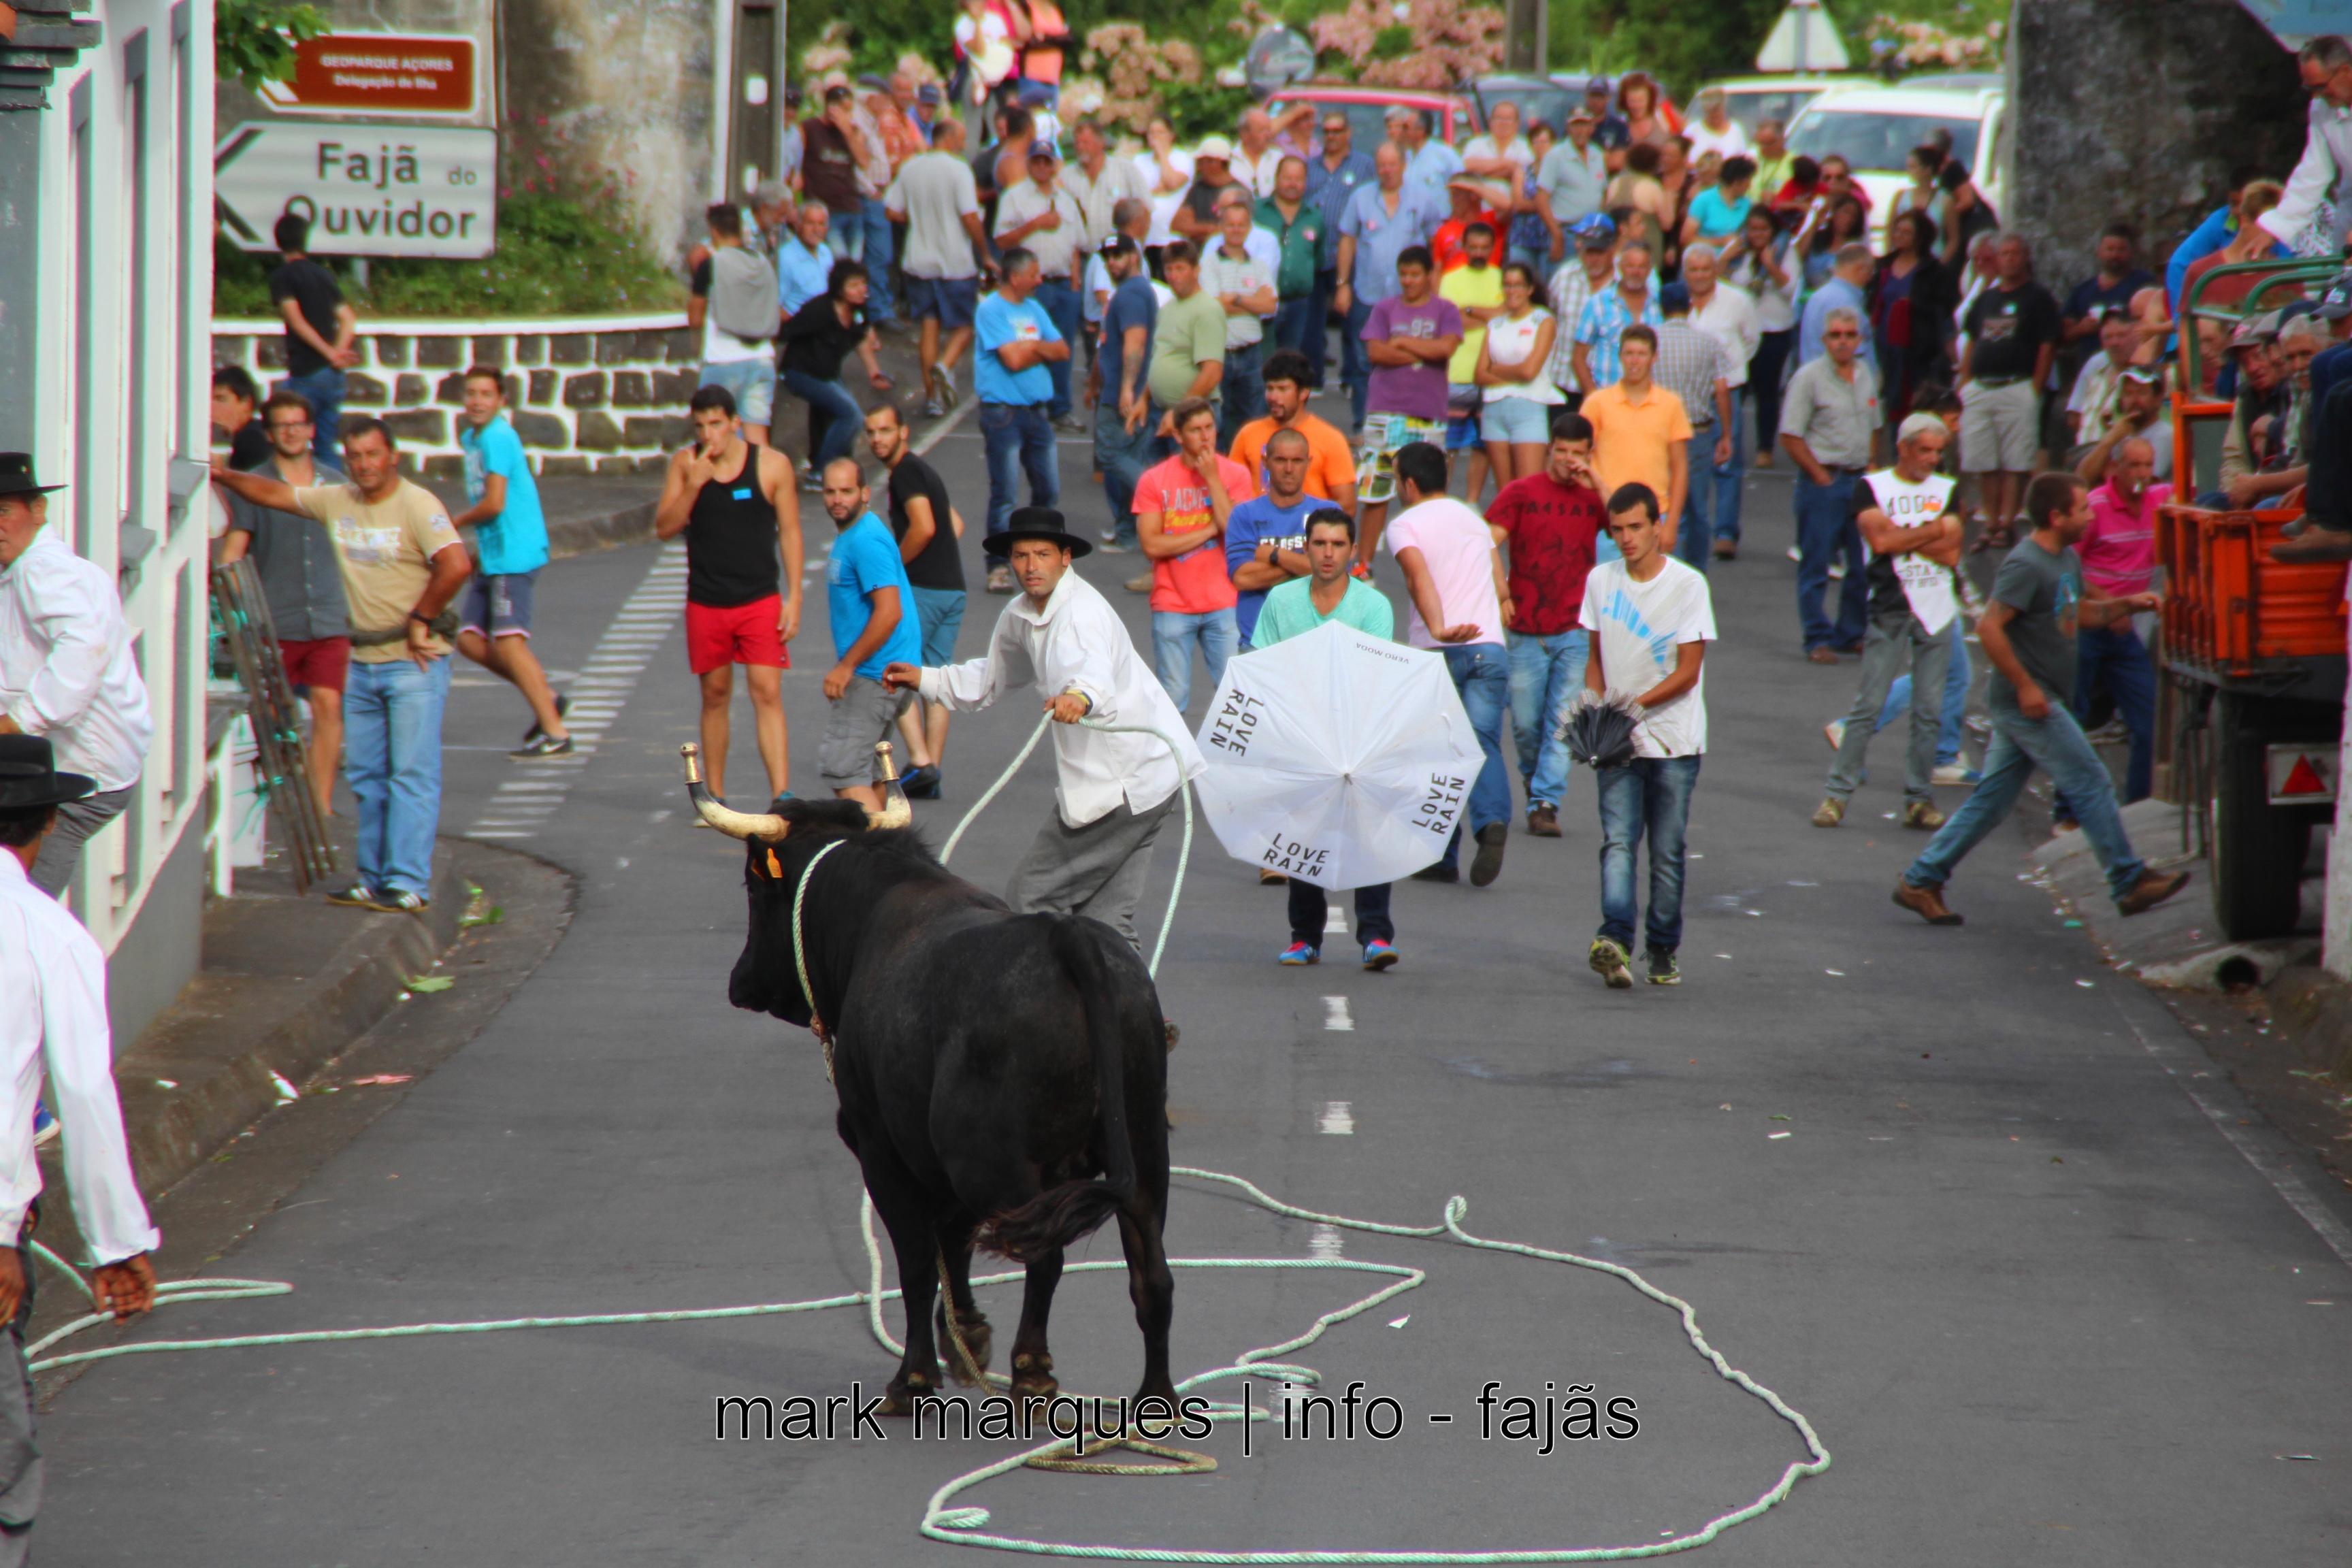 Reforço da segurança das touradas à corda e do bem-estar animal, proposto pelo Governo dos Açores